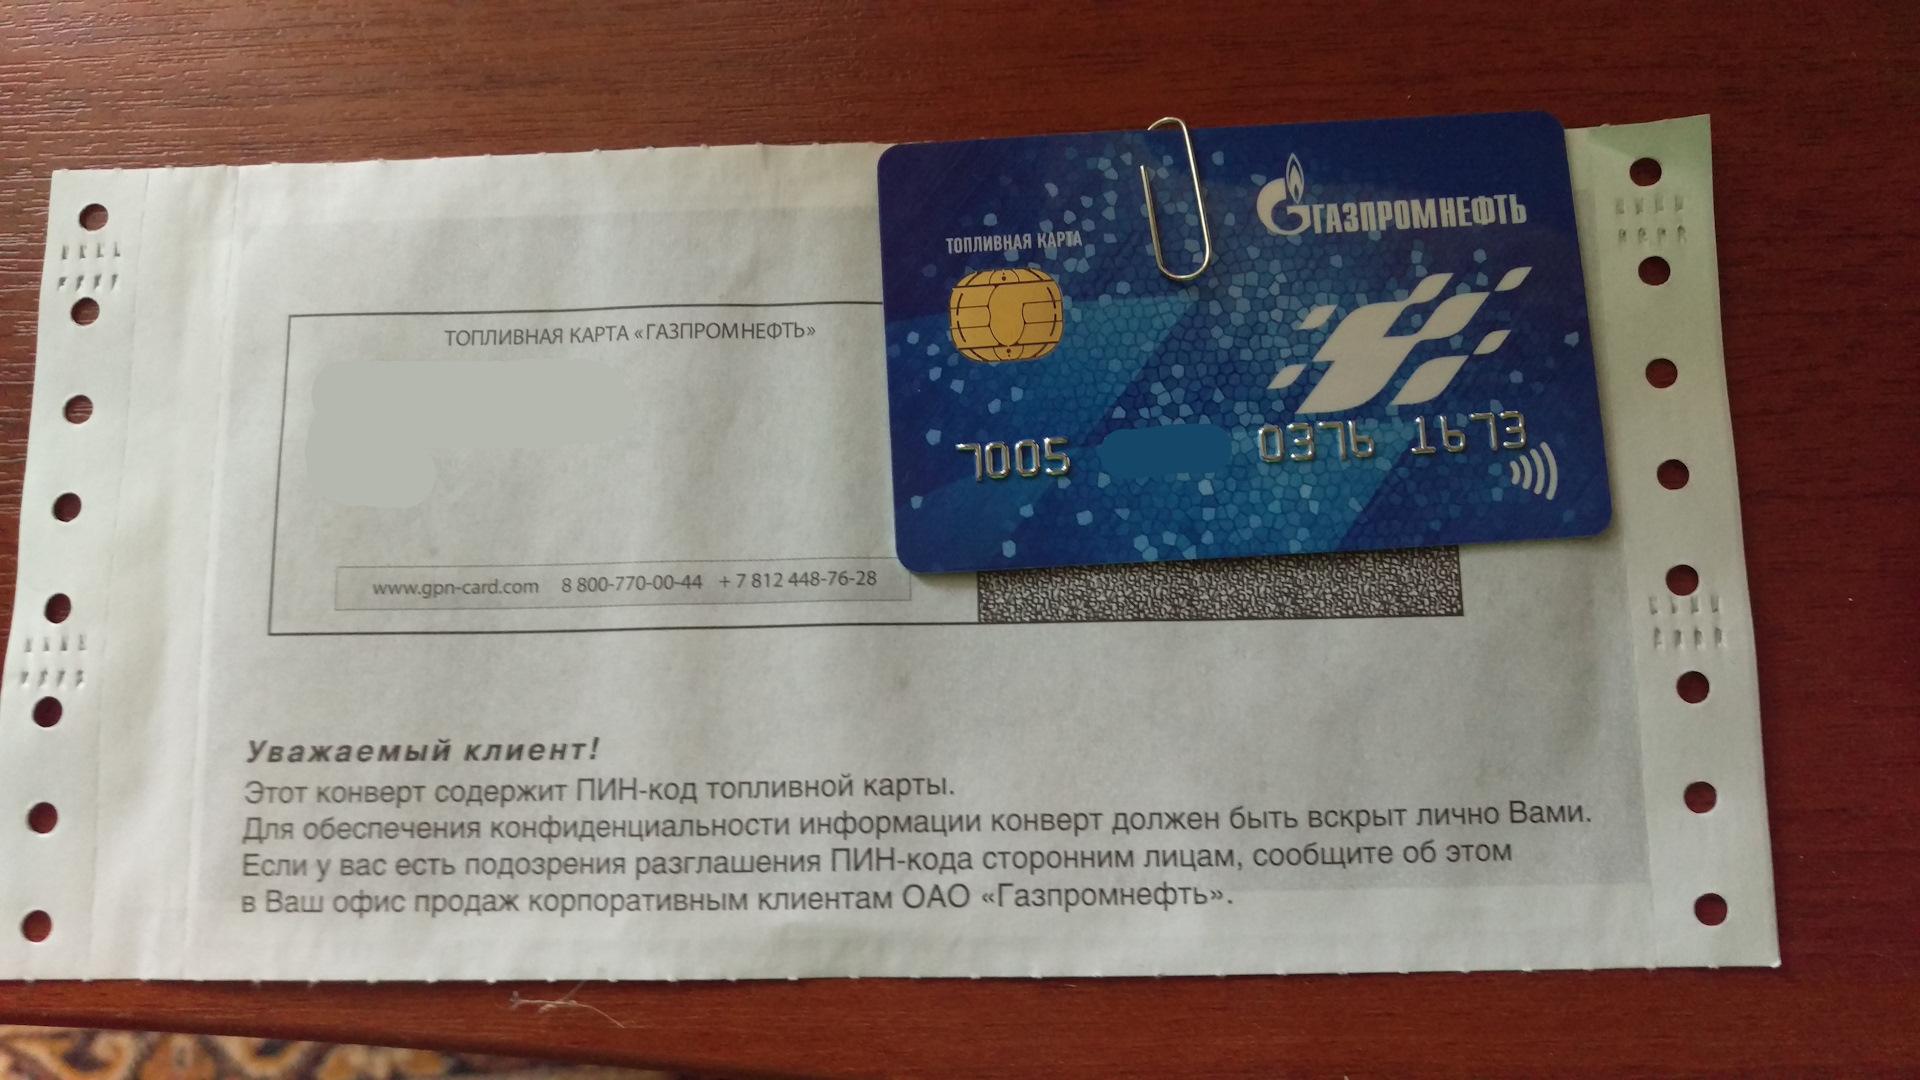 экспресс банк фото конверта с картой унитаз необходимо